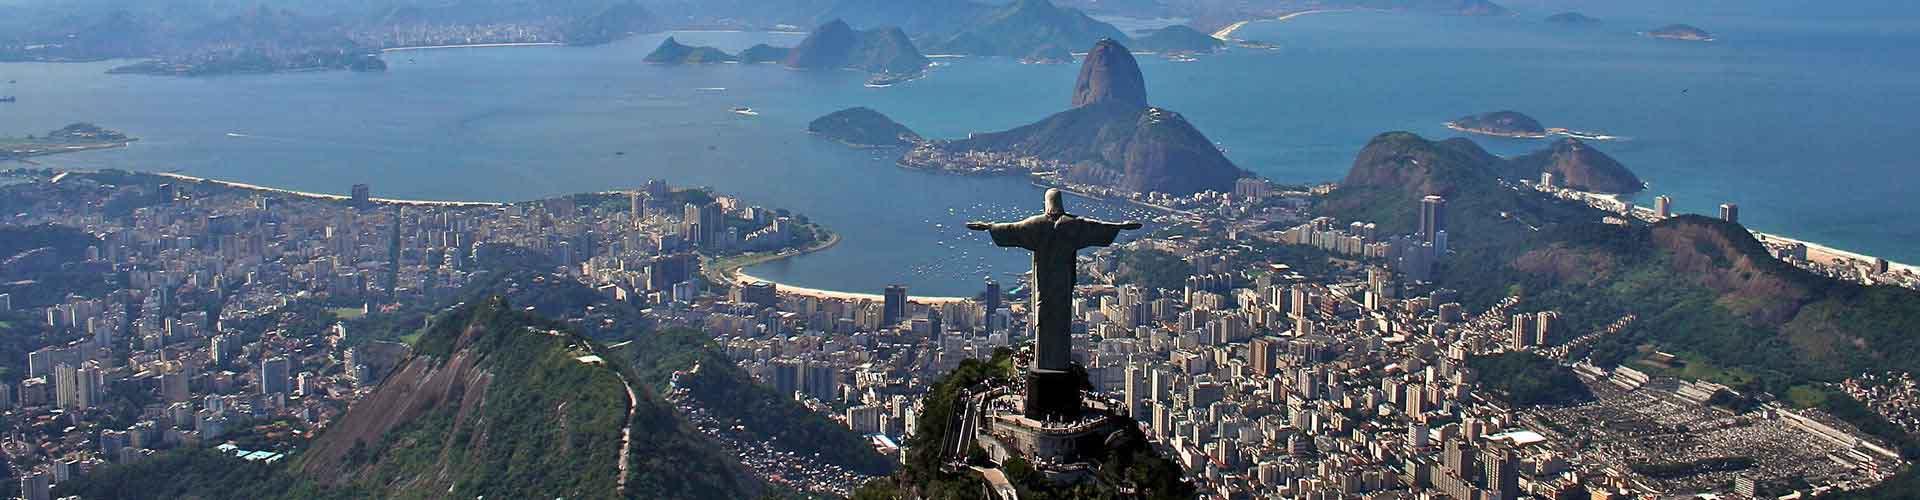 Rio de Janeiro - Ubytovny v blízkosti Santos Dumont Letiště. Mapy pro Rio de Janeiro, fotky a recenze pro každou Ubytovnu - Rio de Janeiro.